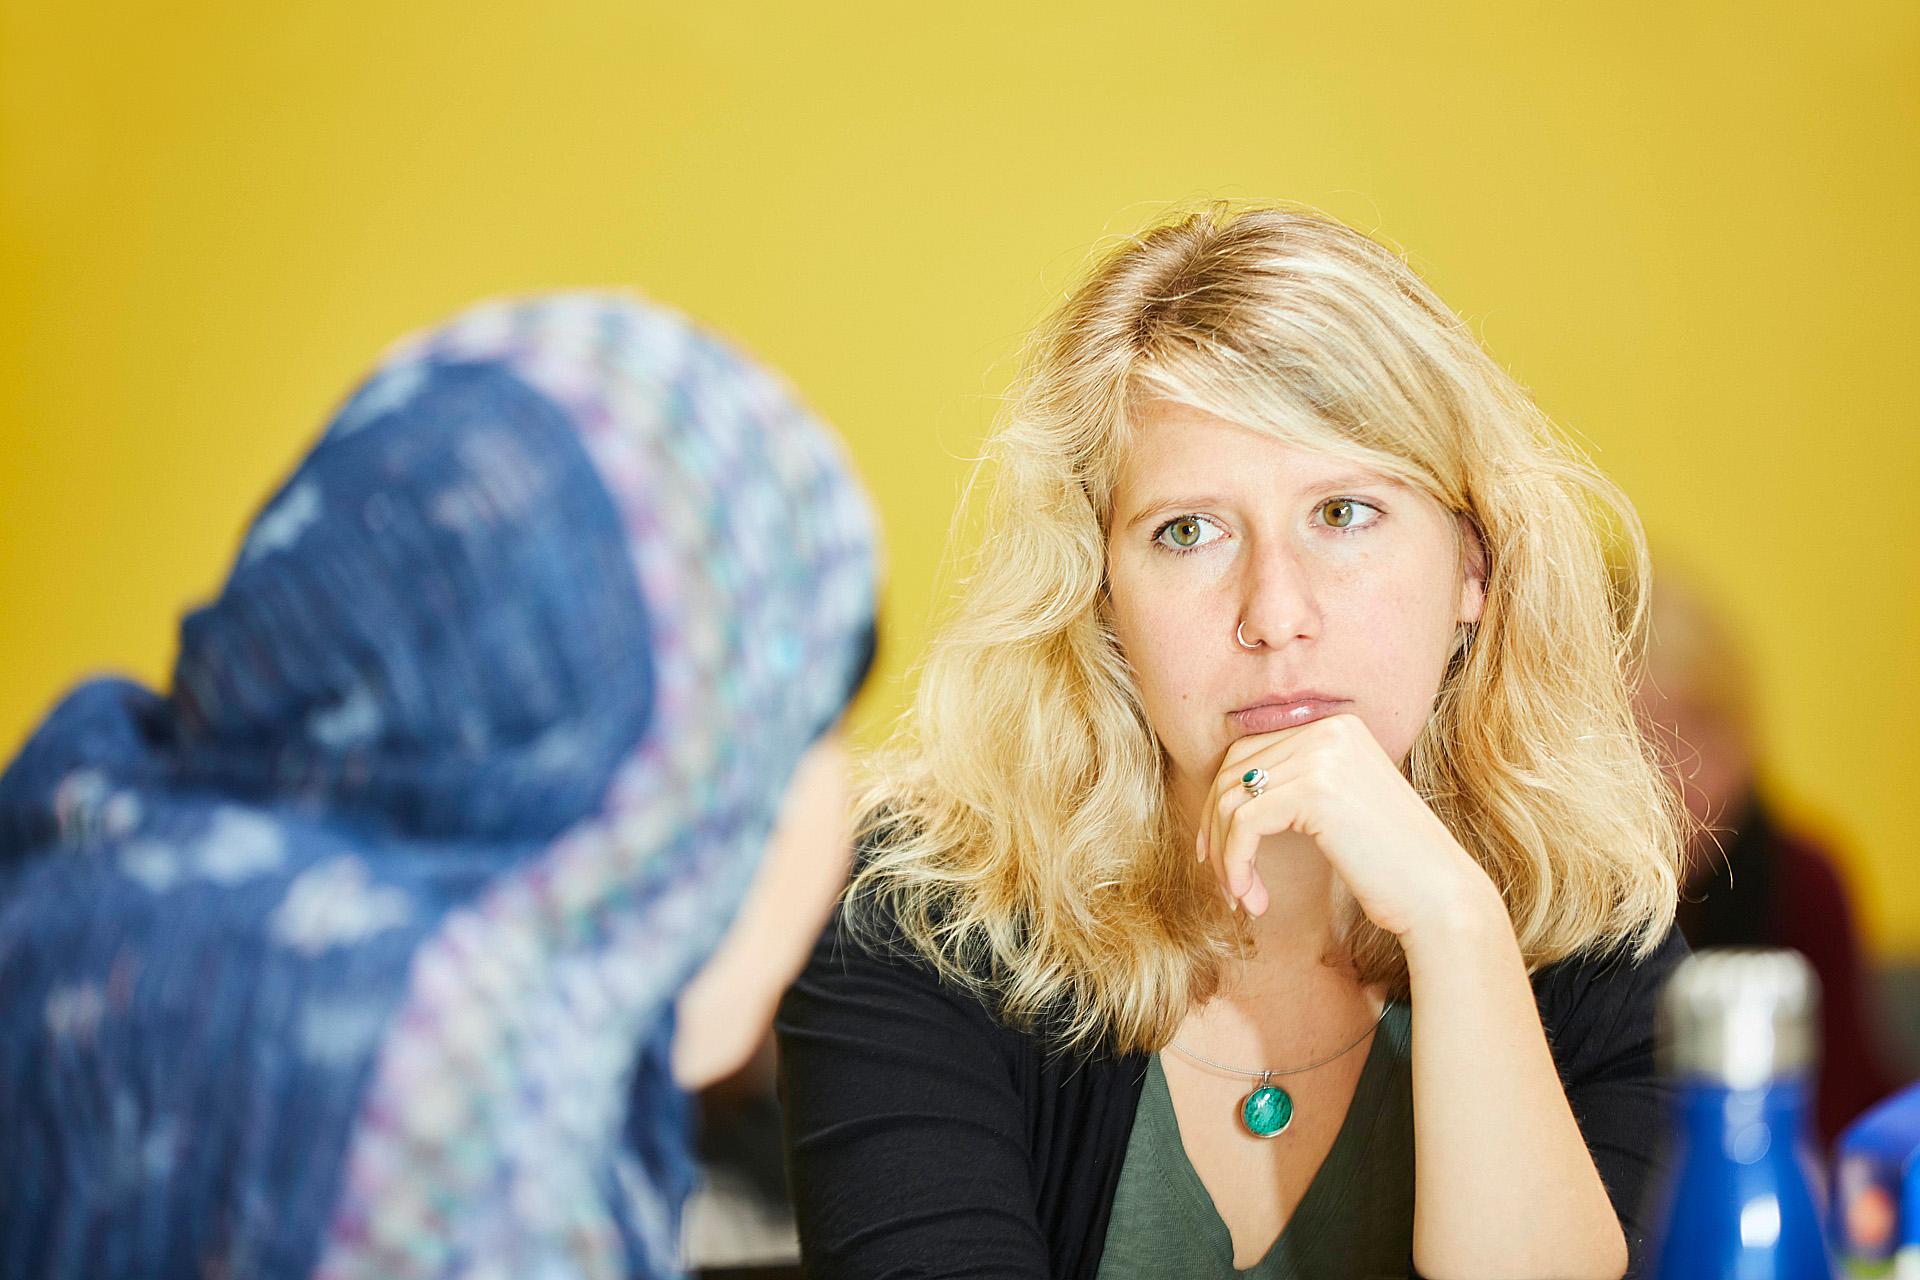 Foto: Beratungsstellen in den Stadtteilen - Zwei Frauen in einer Beratungssituation